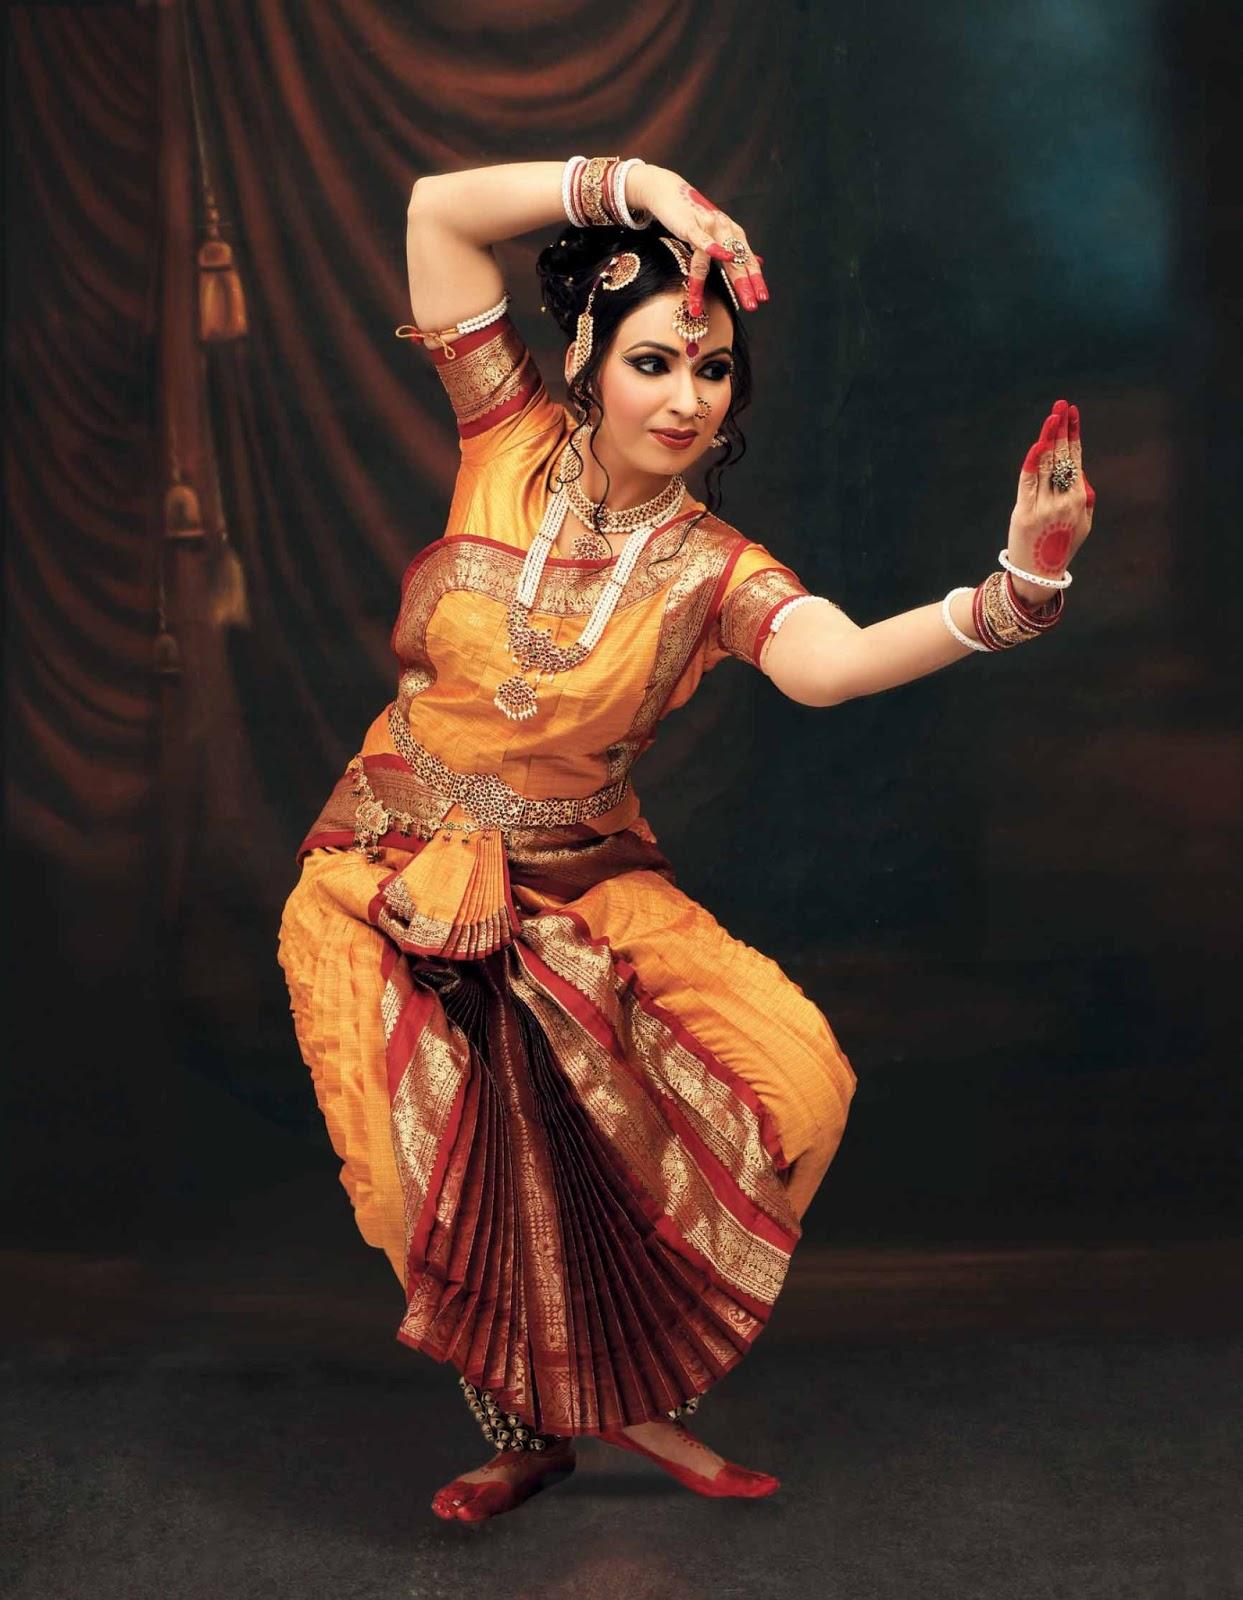 картинки танцующий индианки